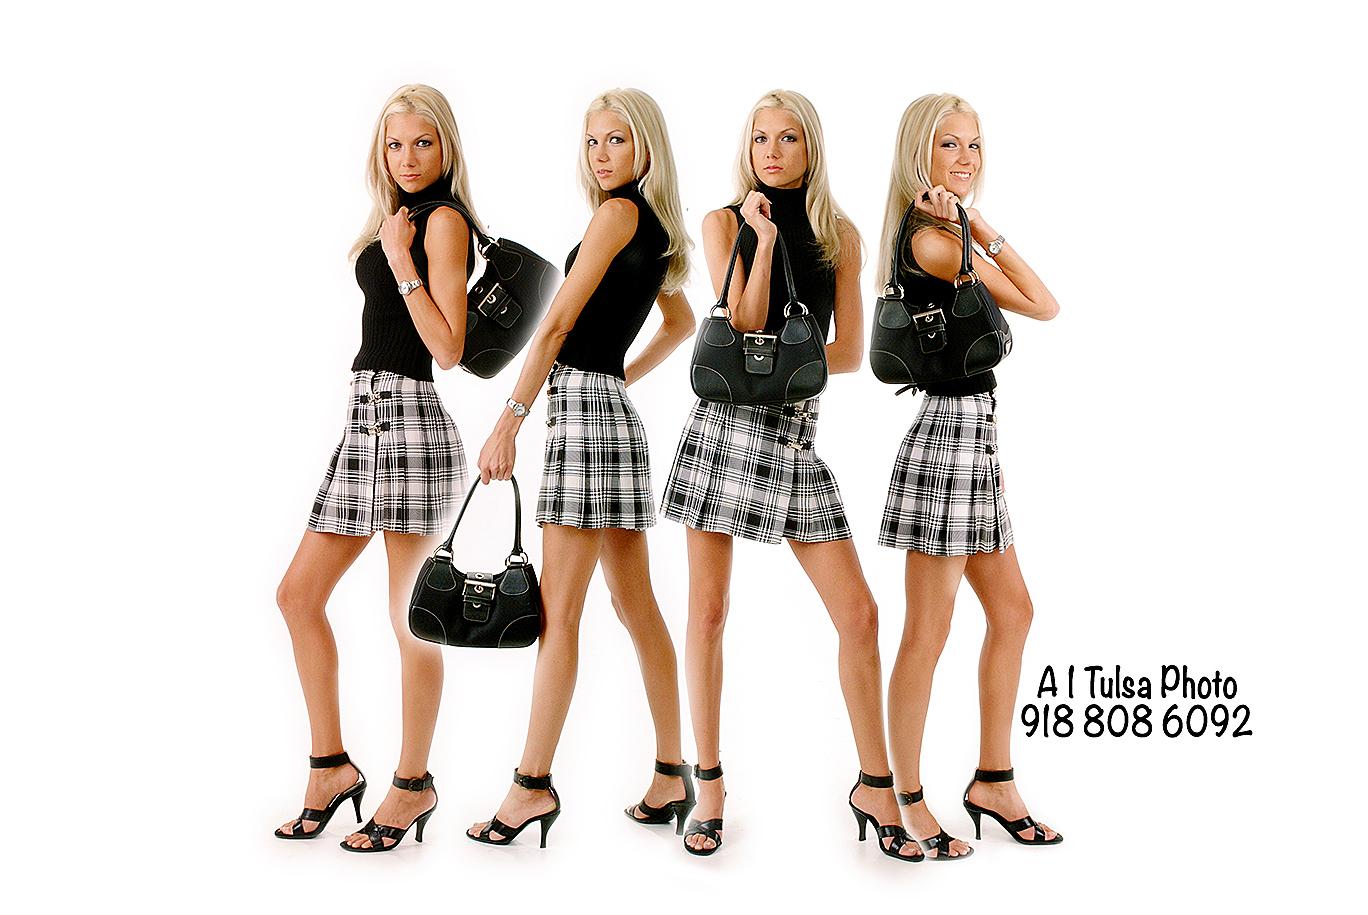 Tulsa senior model fashion 12.jpg